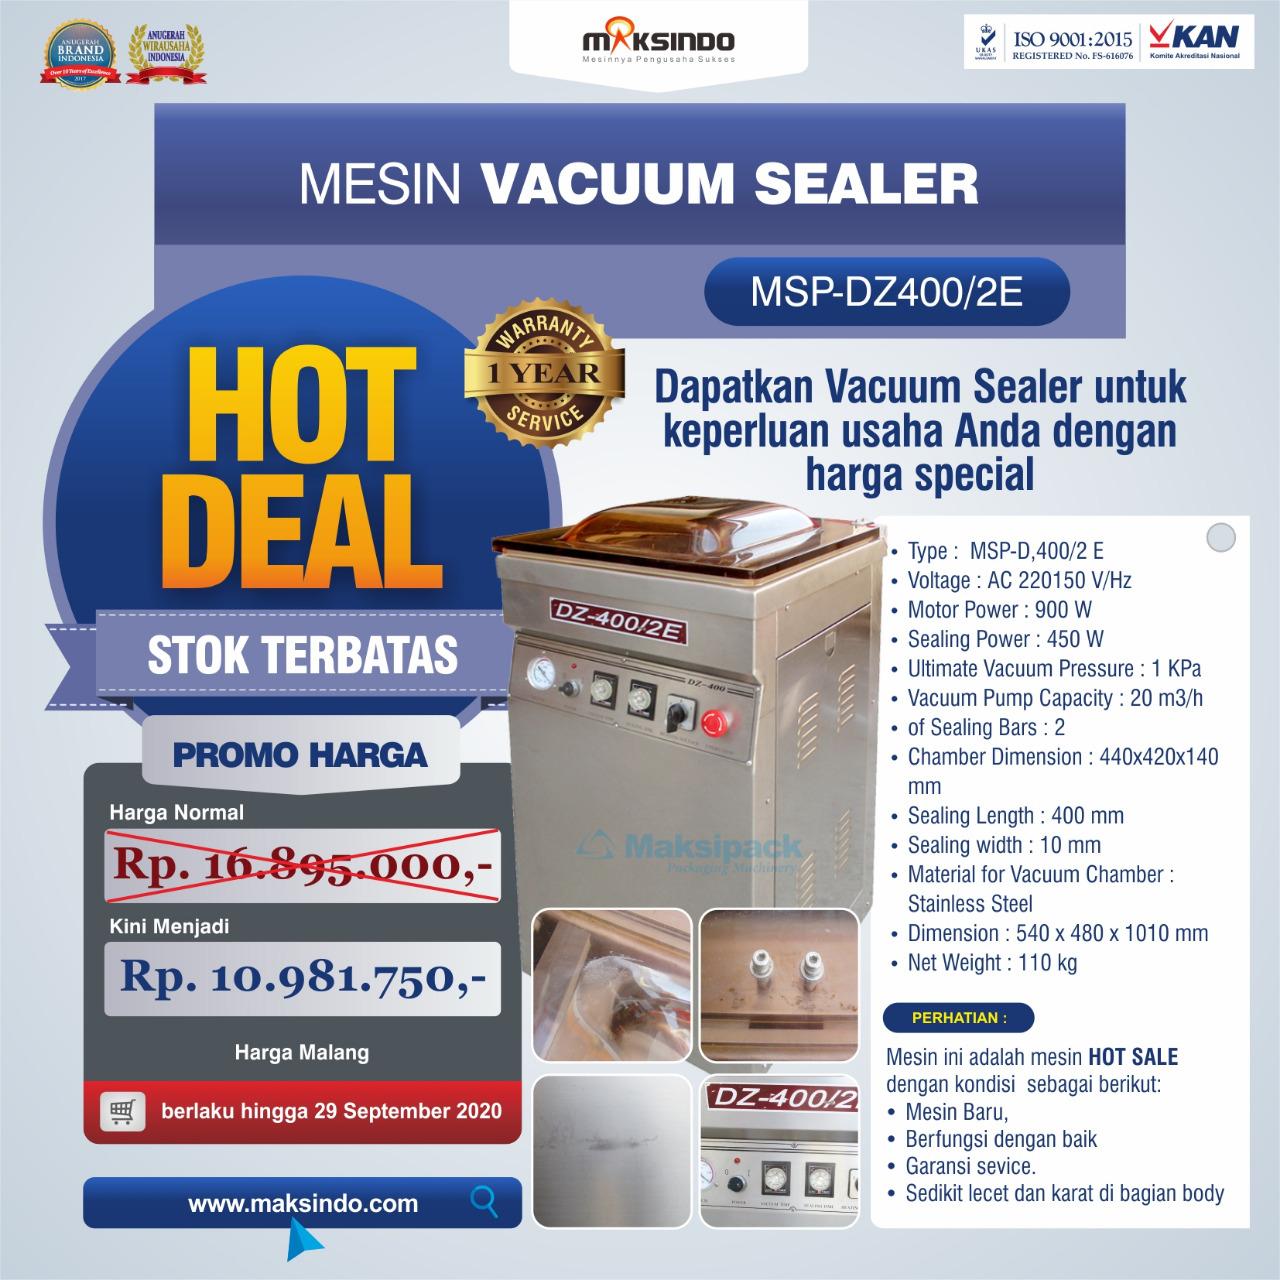 Jual Hot Deal Mesin Vacuum Sealer Type MSP-DZ400/2 E di Bogor